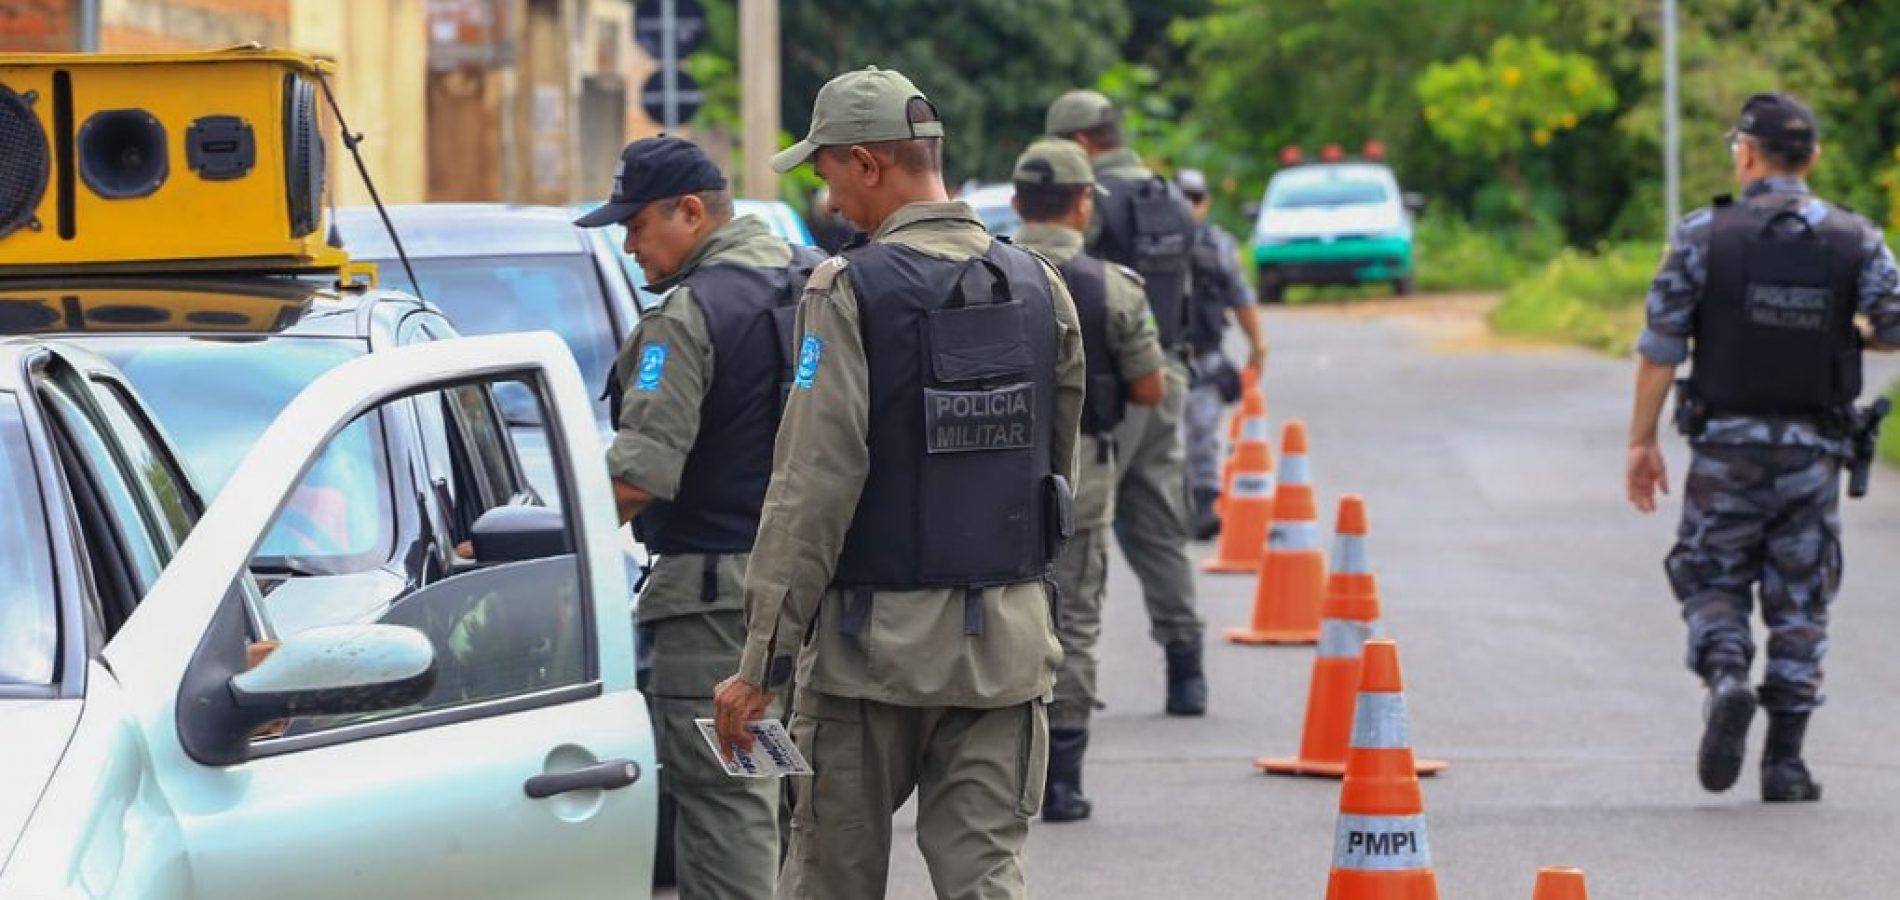 Condenado por estupro é preso pela PM em Valença do Piauí